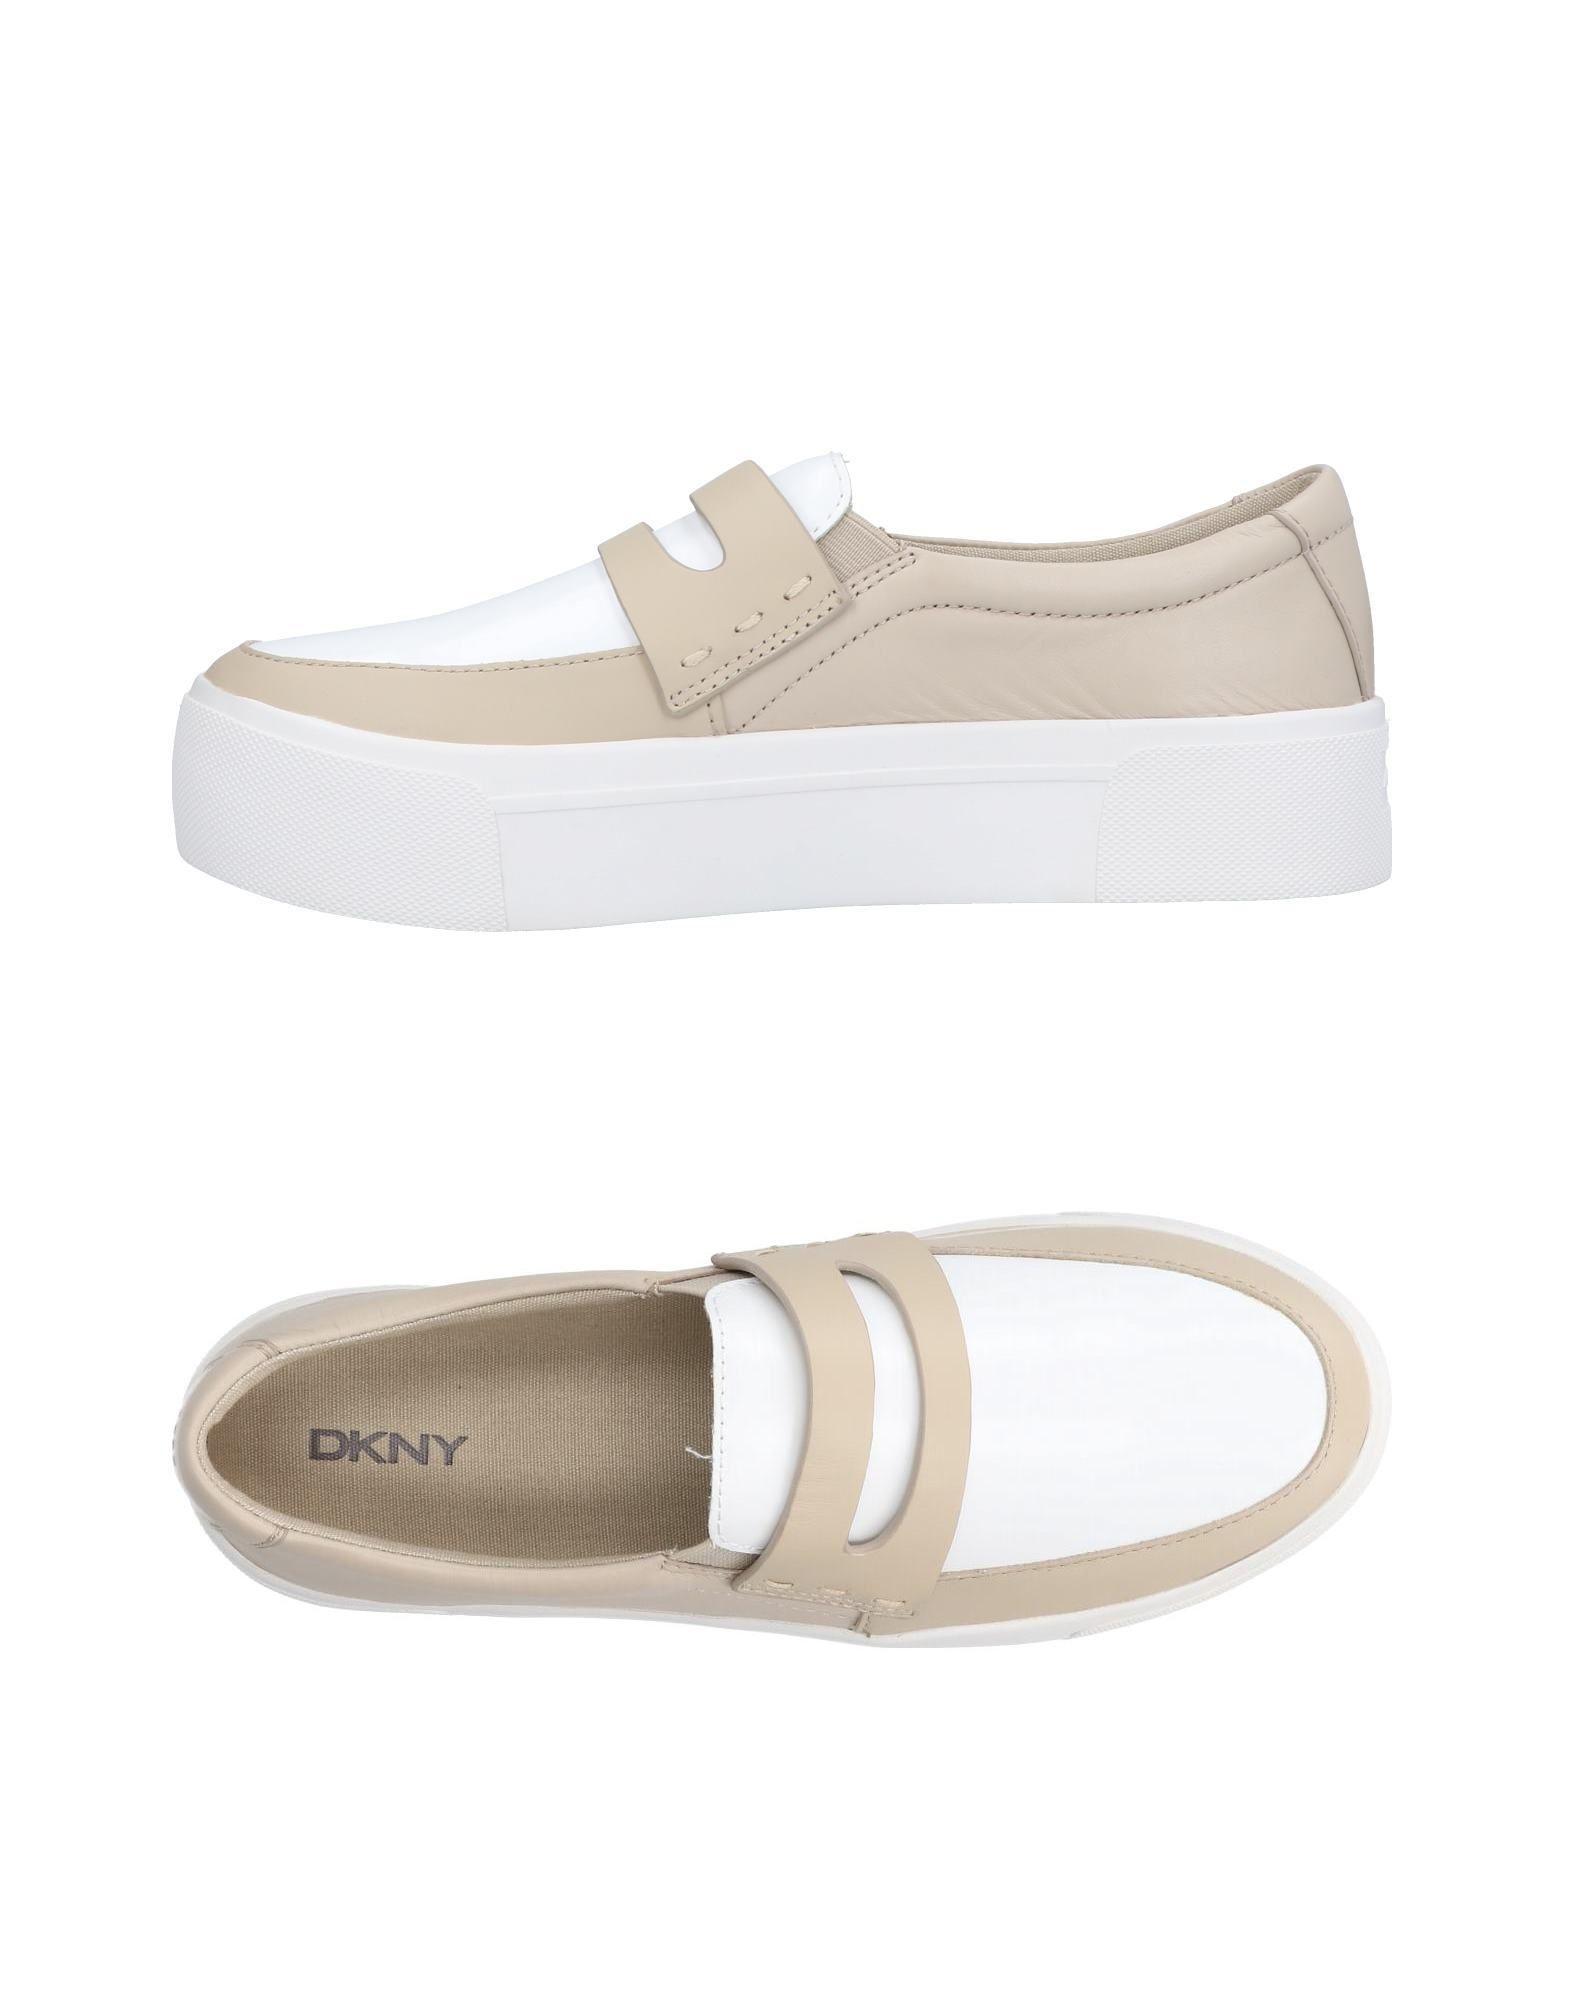 Dkny Sneakers Damen  11451815JU Gute Qualität beliebte Schuhe